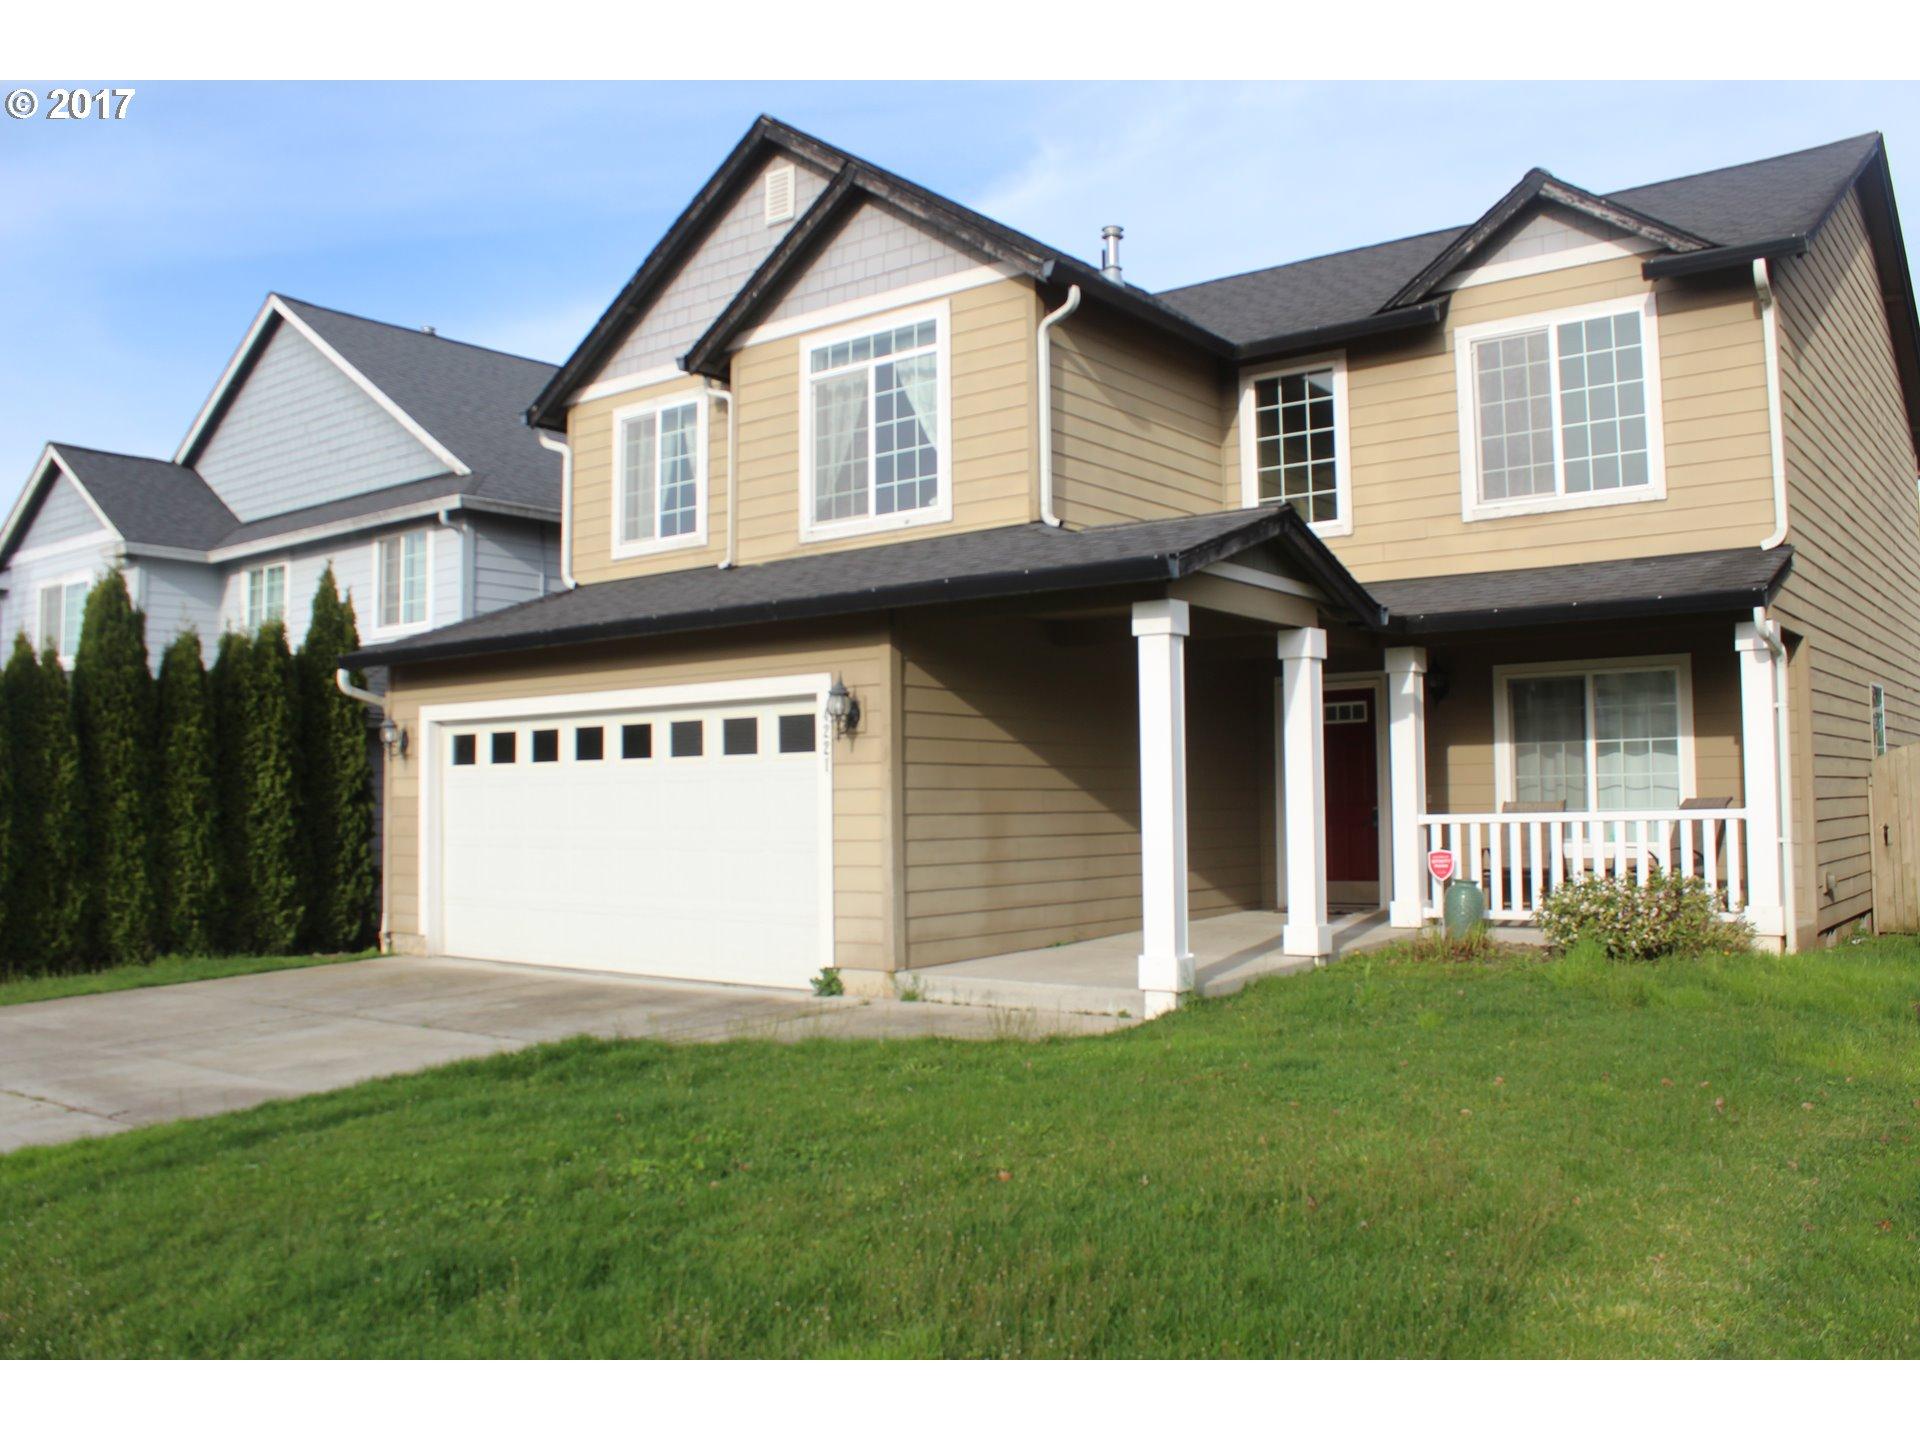 4221 NE 166TH AVE, Vancouver, WA 98682